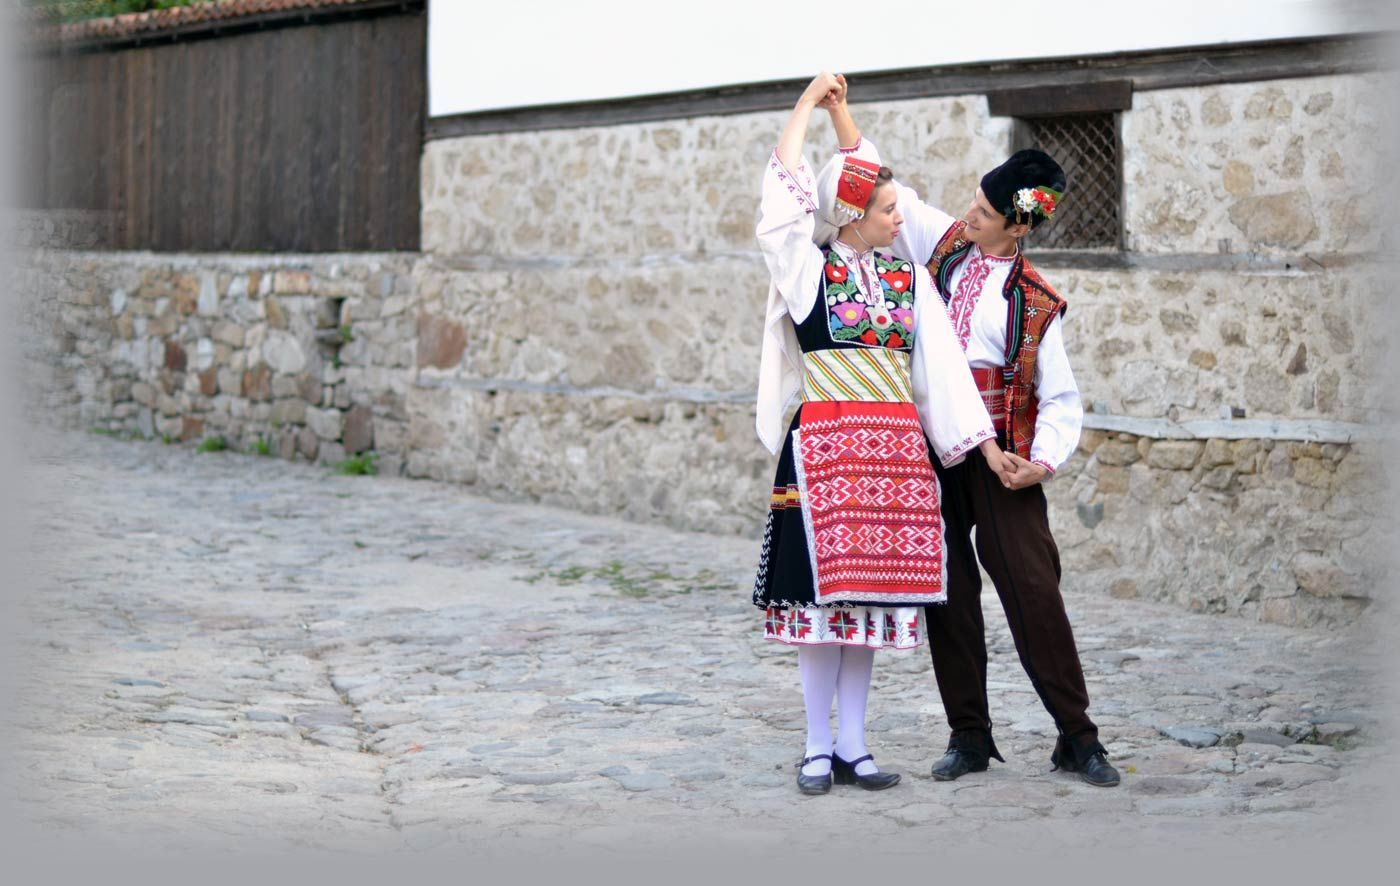 ¿Cuáles de los siguientes bailes son los más típicos de Bulgaria?